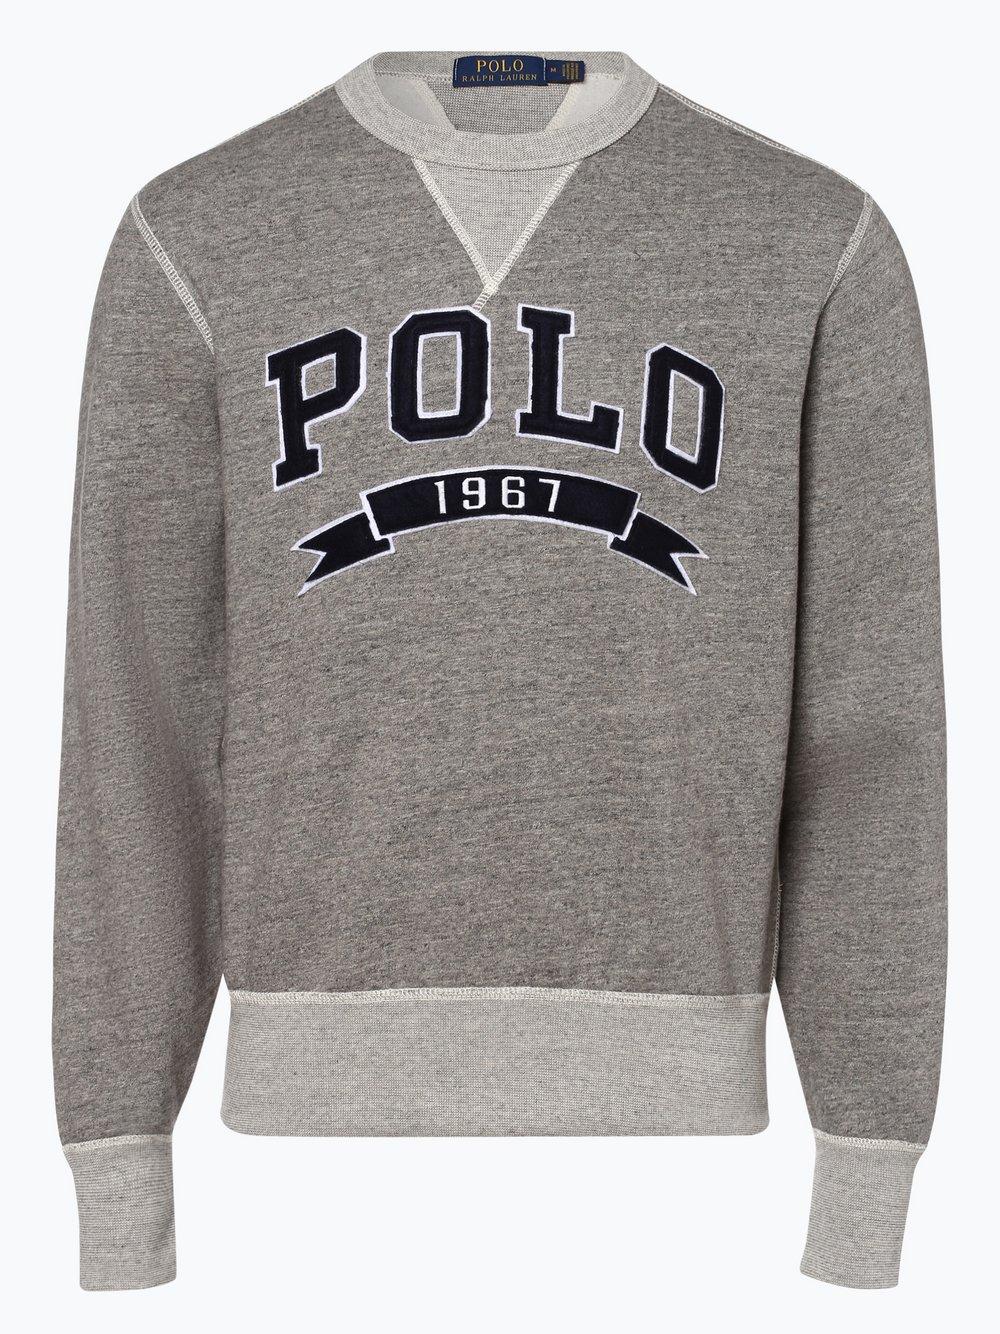 watch 5d5e4 75733 Polo Ralph Lauren Herren Sweatshirt online kaufen | VANGRAAF.COM